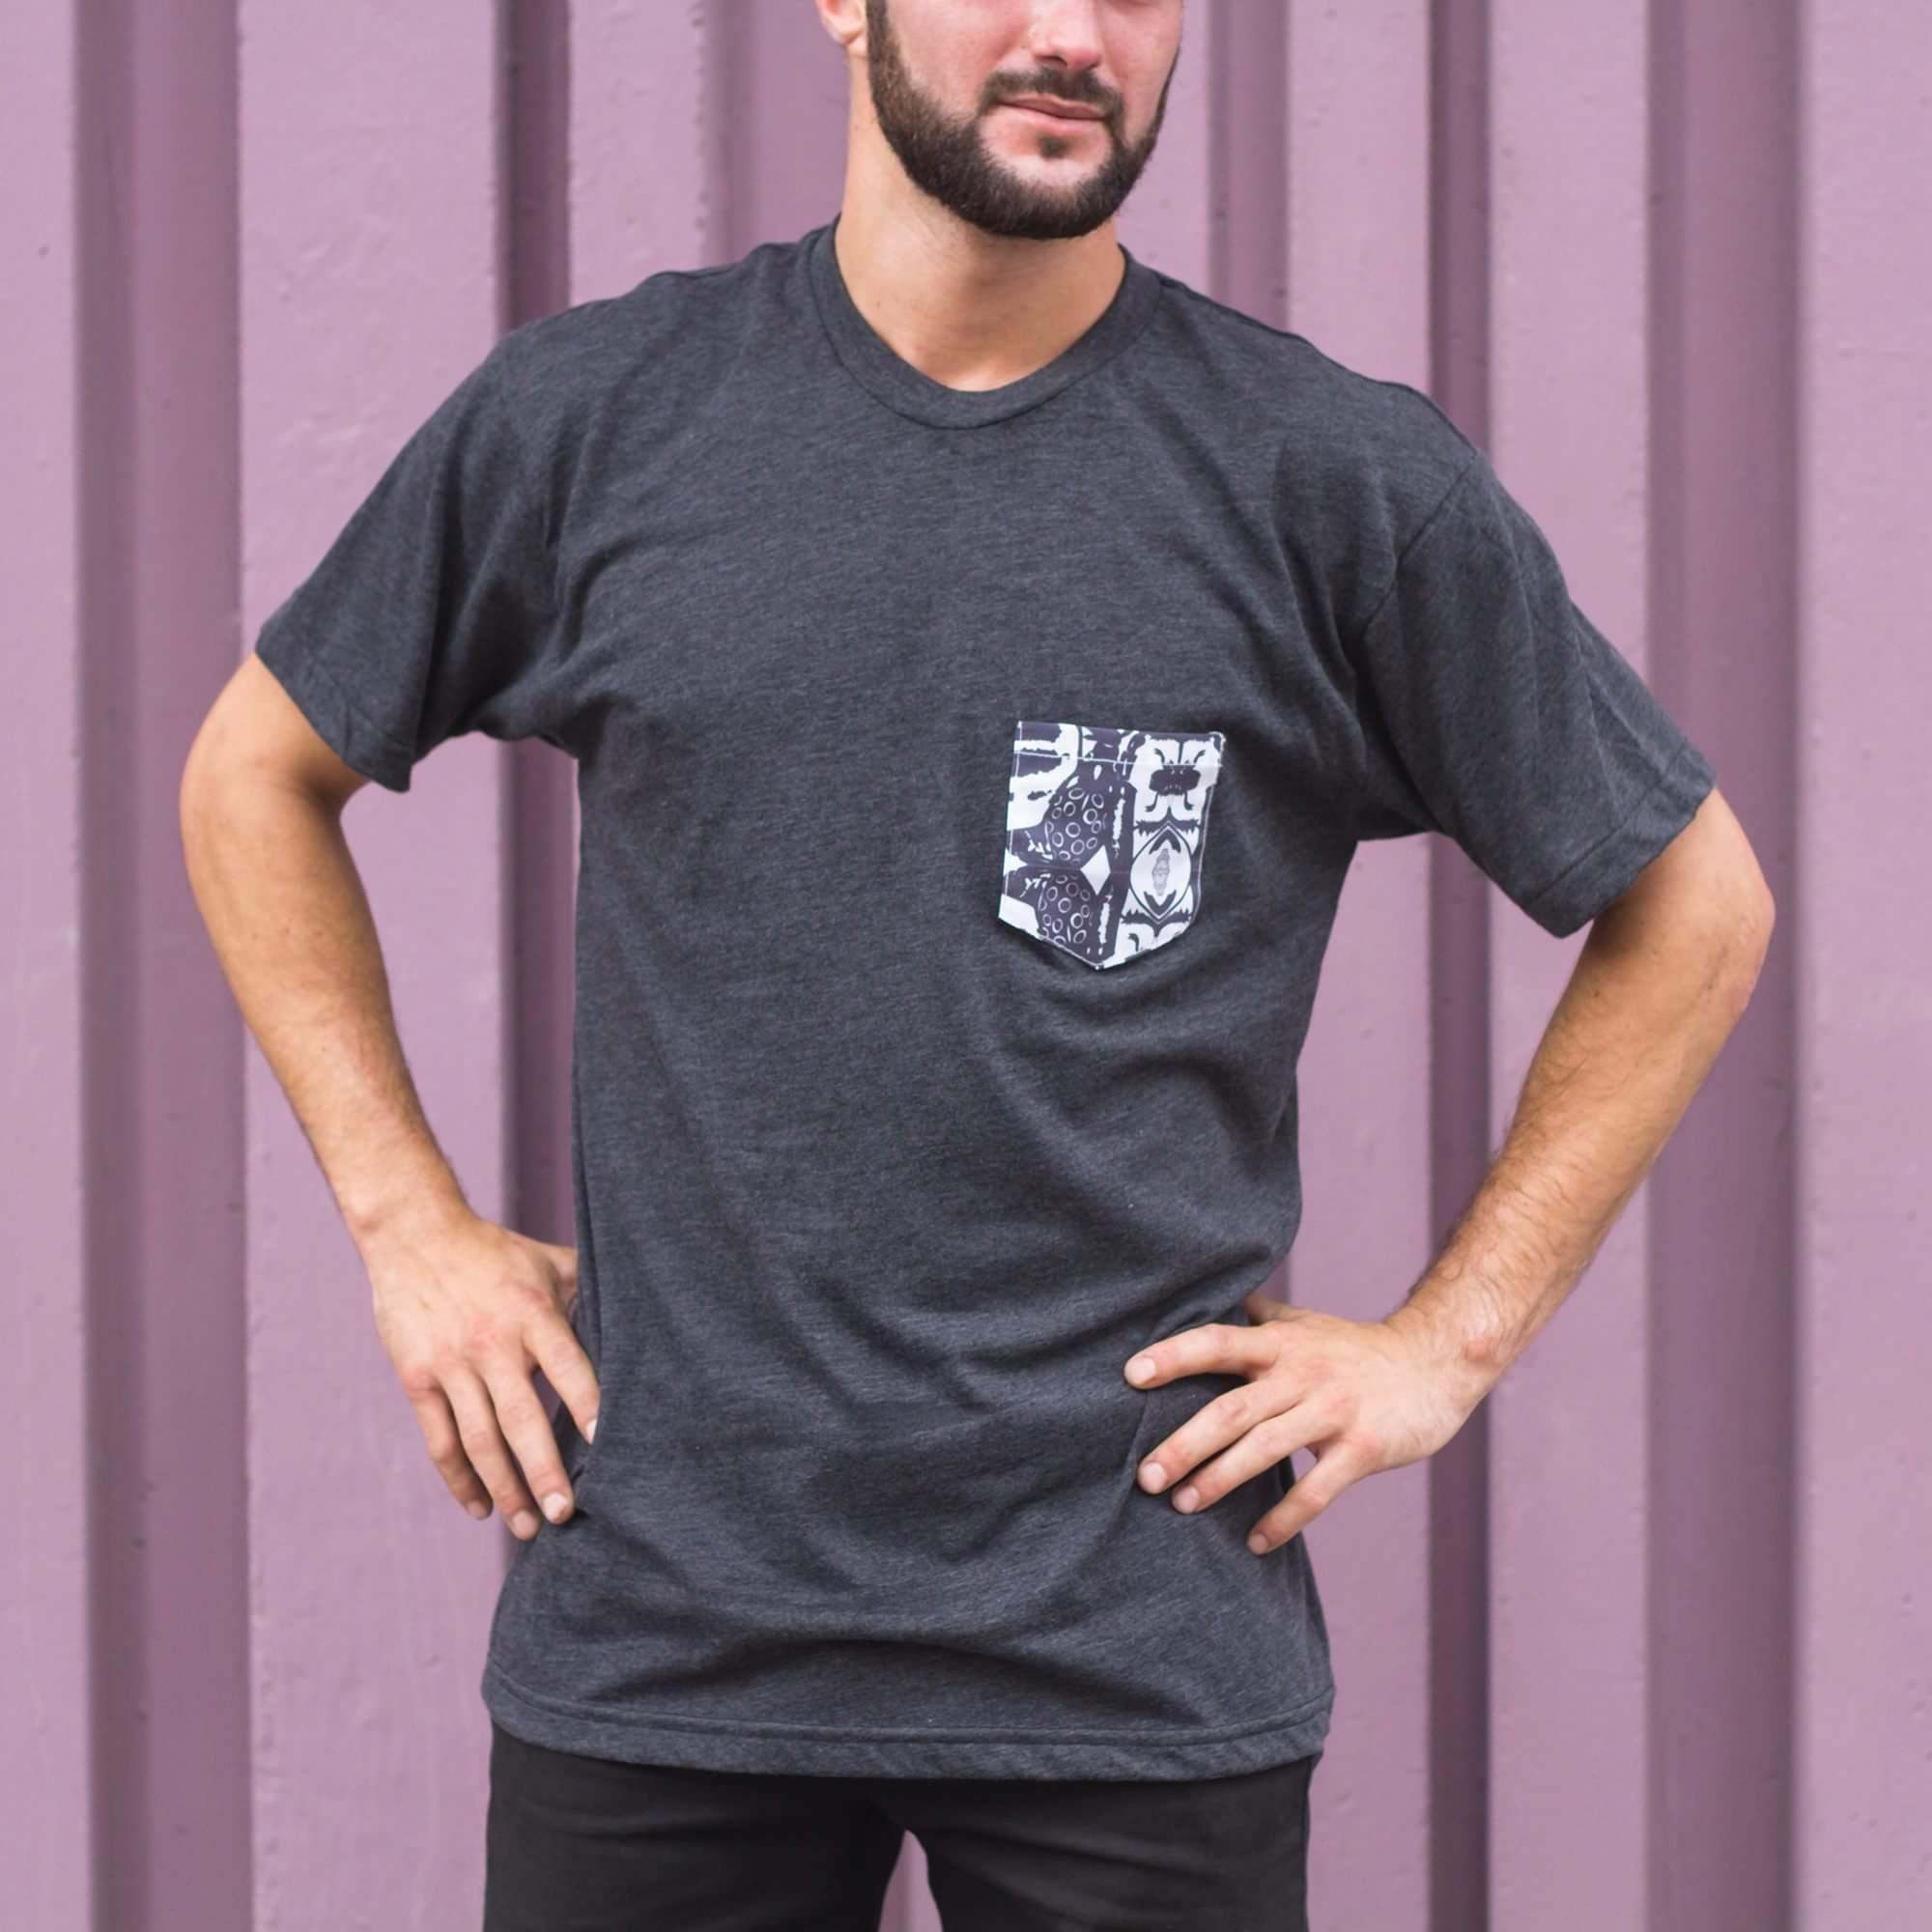 LaureMjoy - T-shirt gris foncé